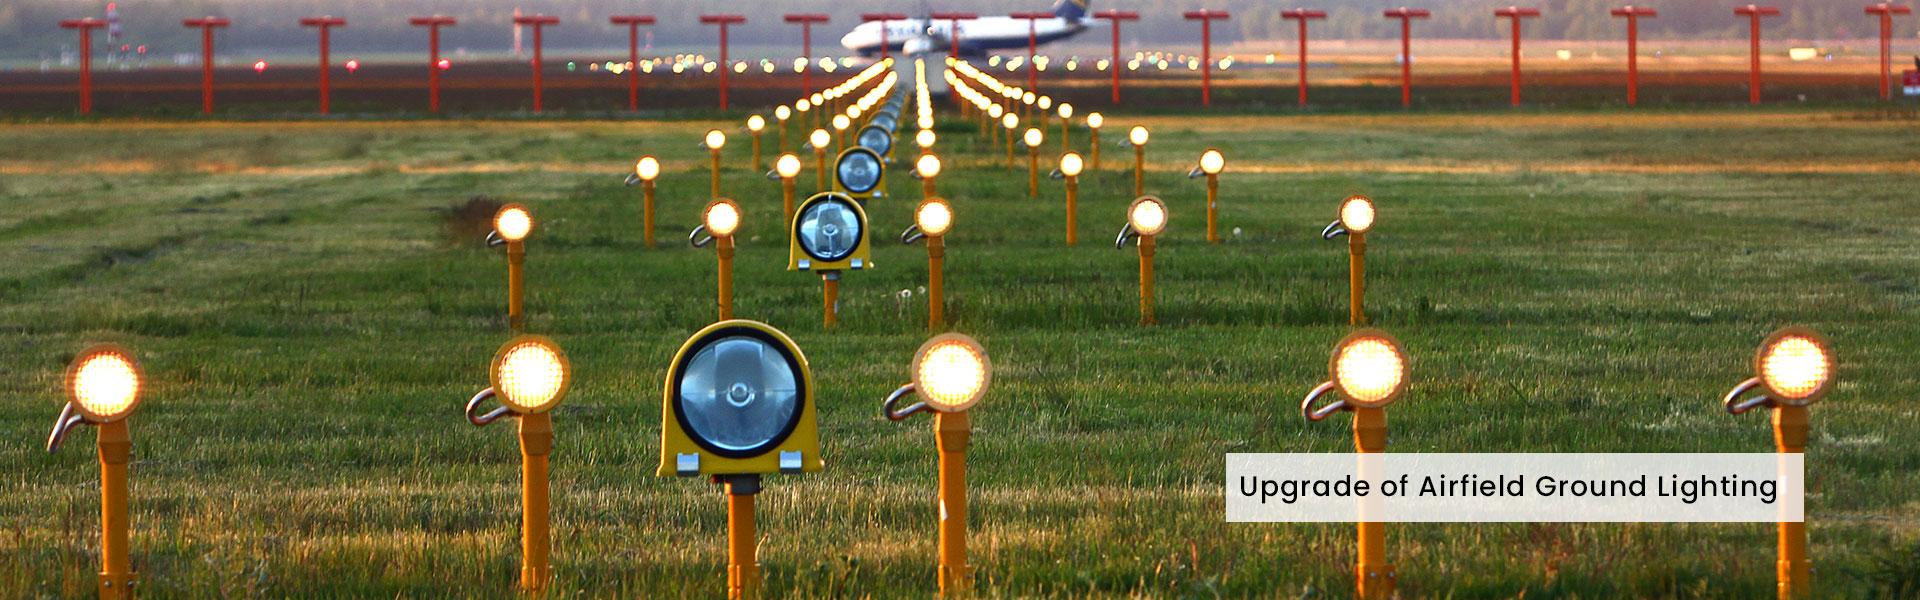 Upgrade-of-Airfield-Ground-Lighting